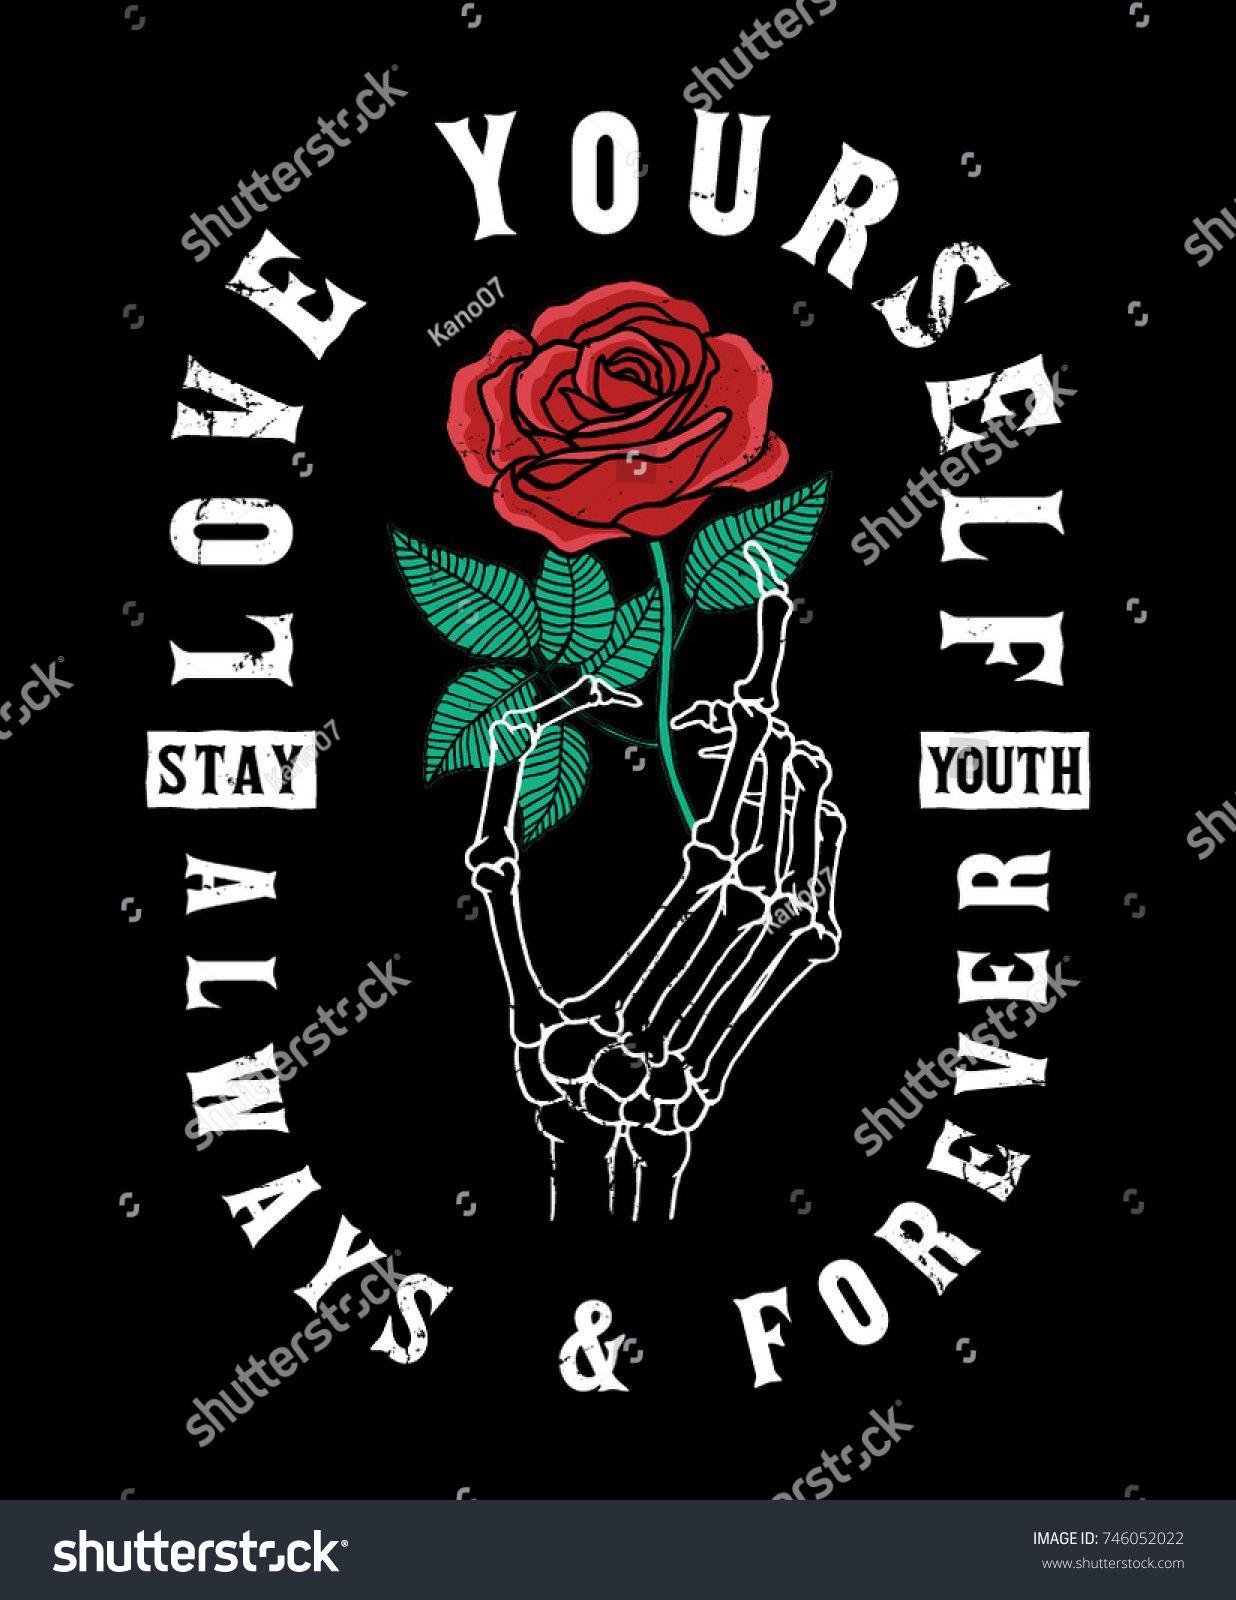 Vetor stock de Mão de esqueleto segurando uma rosa (livre